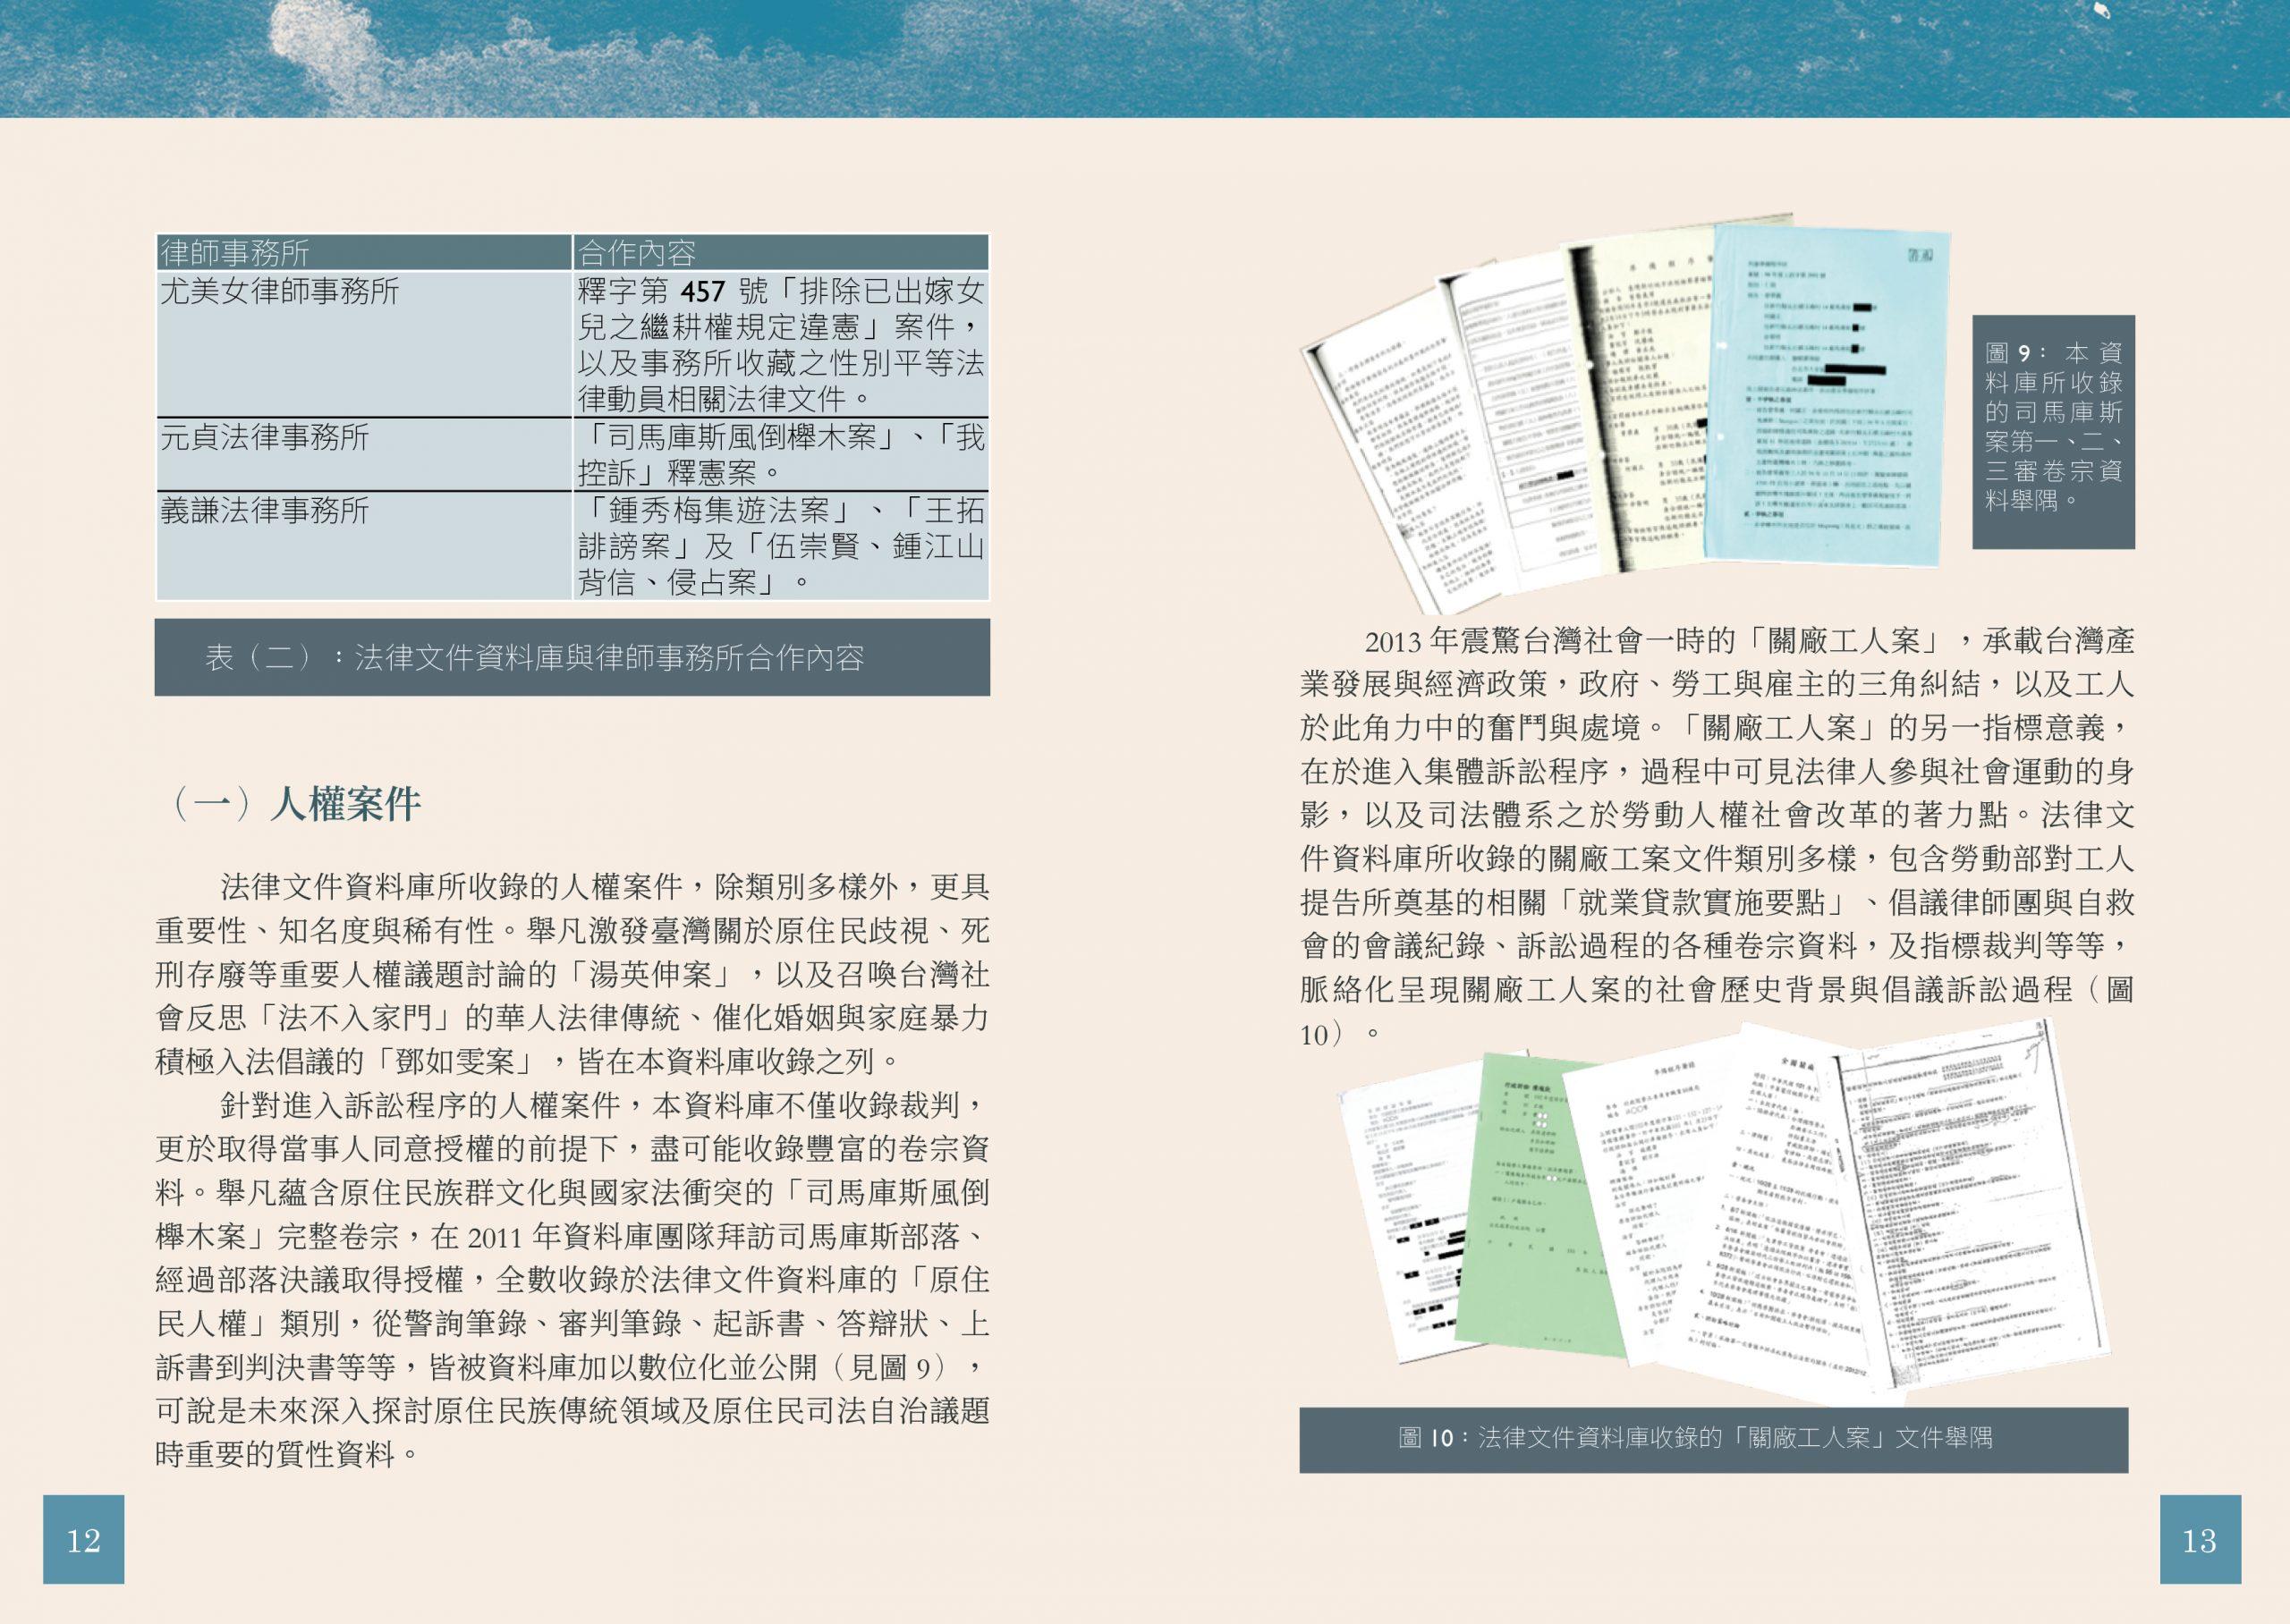 台灣法實證資料庫介紹手冊內文_1001-27